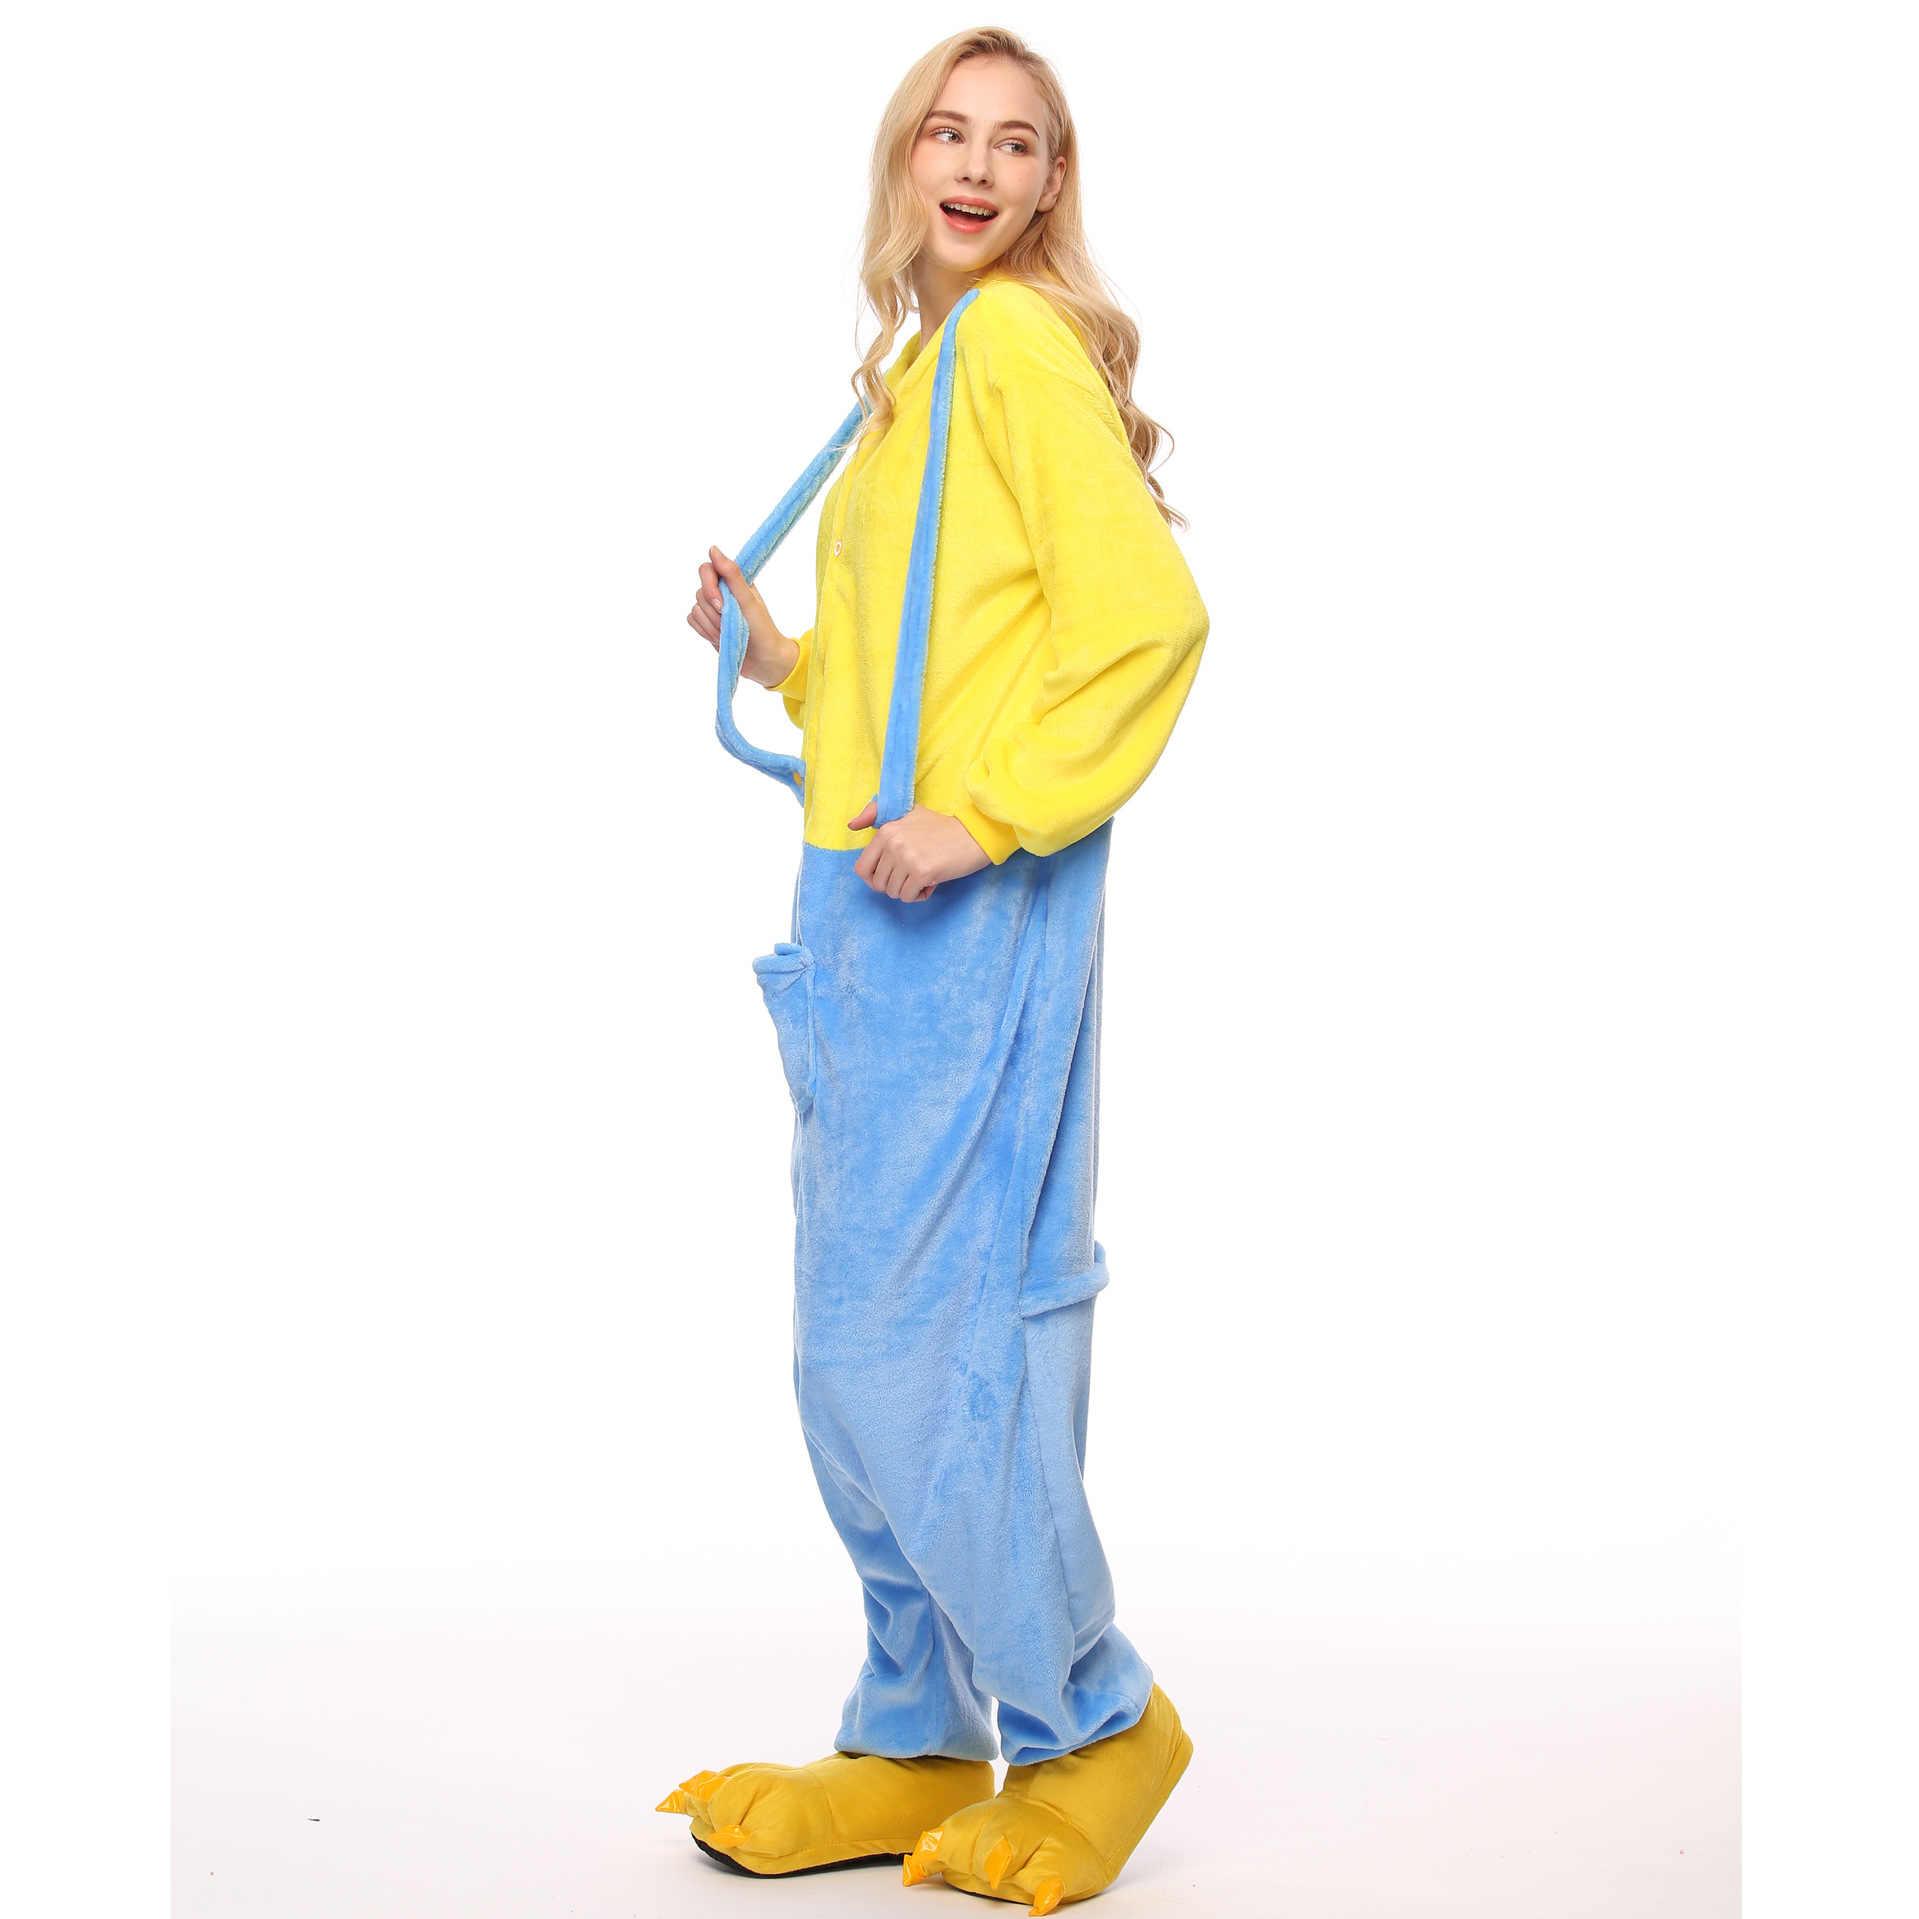 着ぐるみパンダ Onesies パジャマセット動物スパイダーマンポケモン衣装パジャマユニセックス漫画コスプレ文字 Pijamas パジャマ